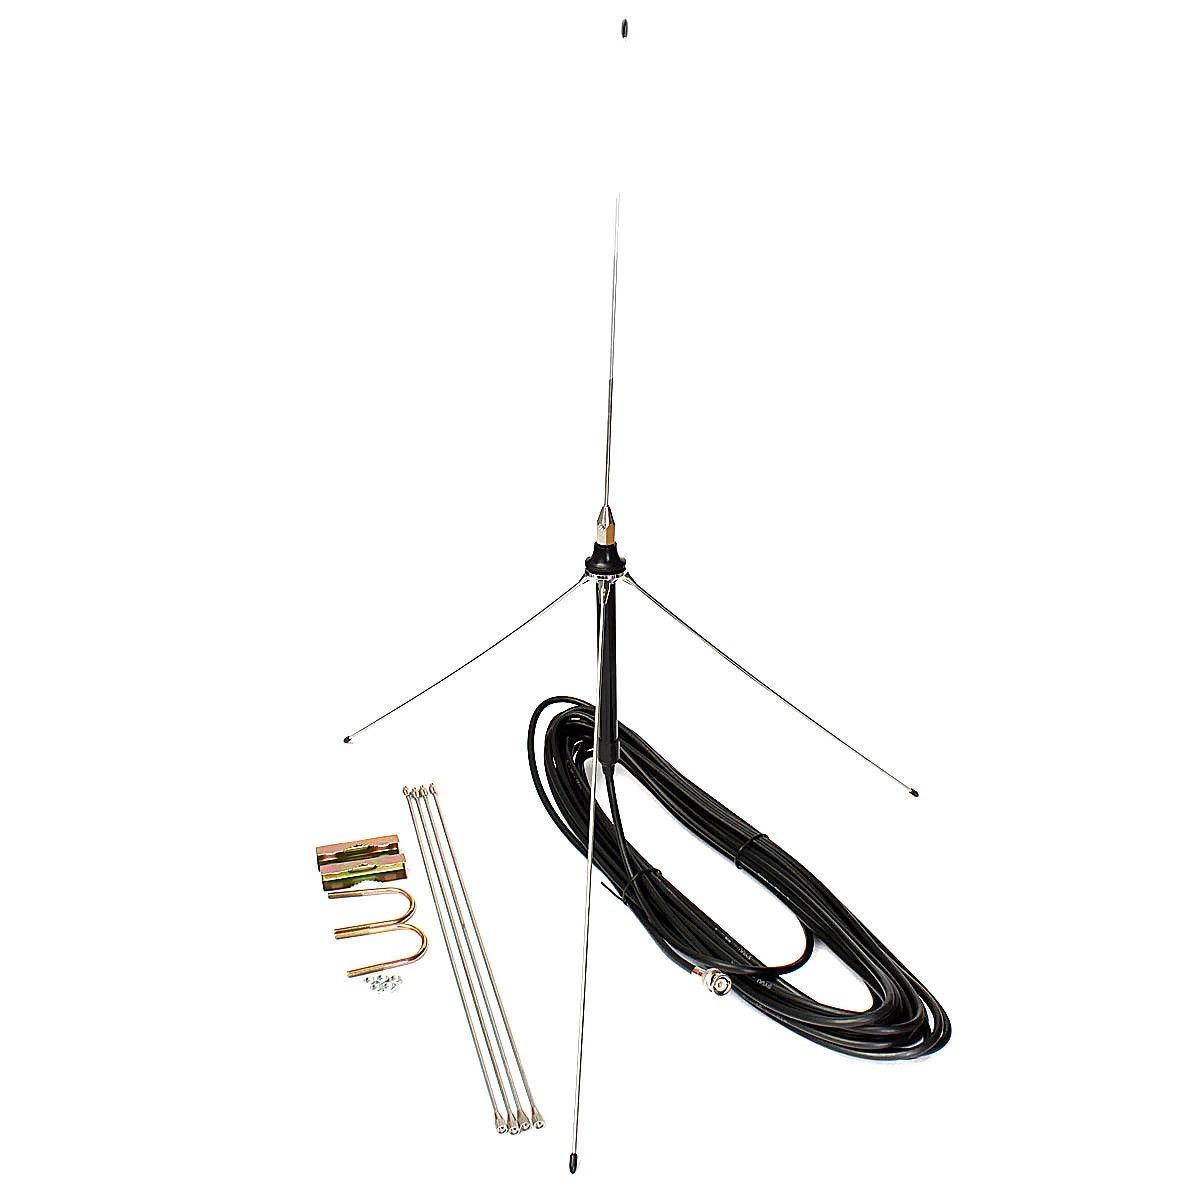 Transmisor Fm 15 W Estacion De Radio Estereo 87 108 Mhz